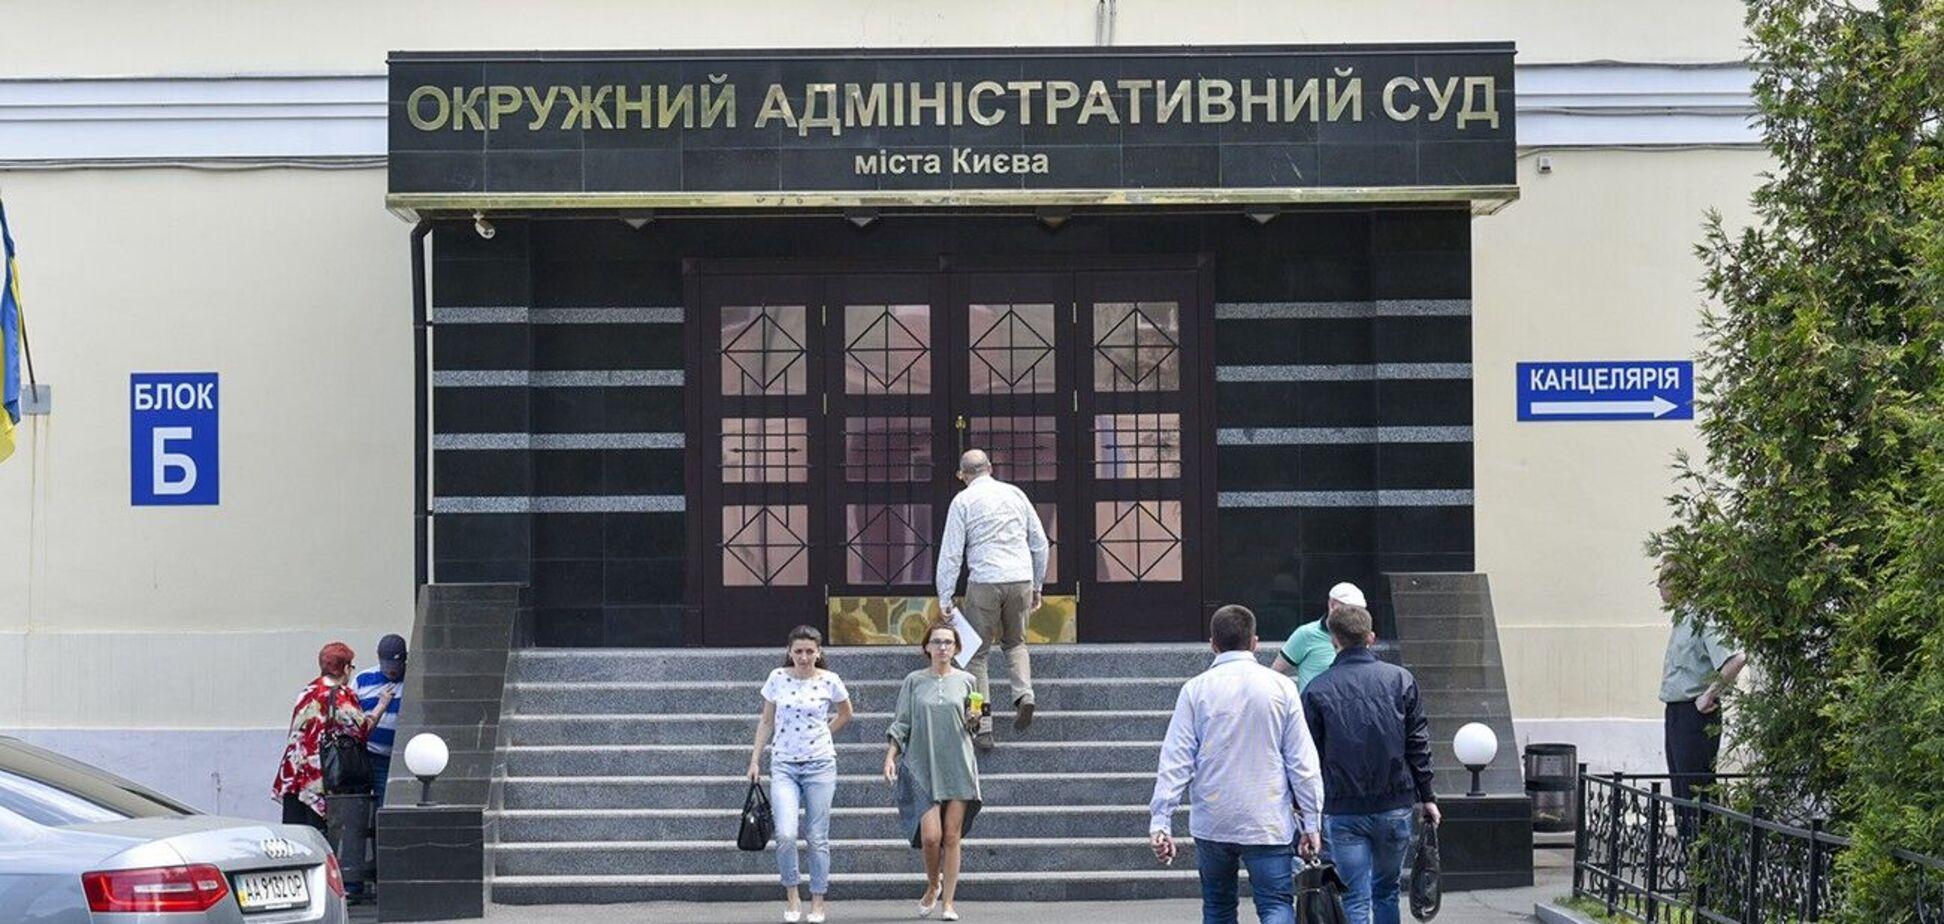 Зеленский предложил Раде безотлагательно ликвидировать Окружной админсуд Киева